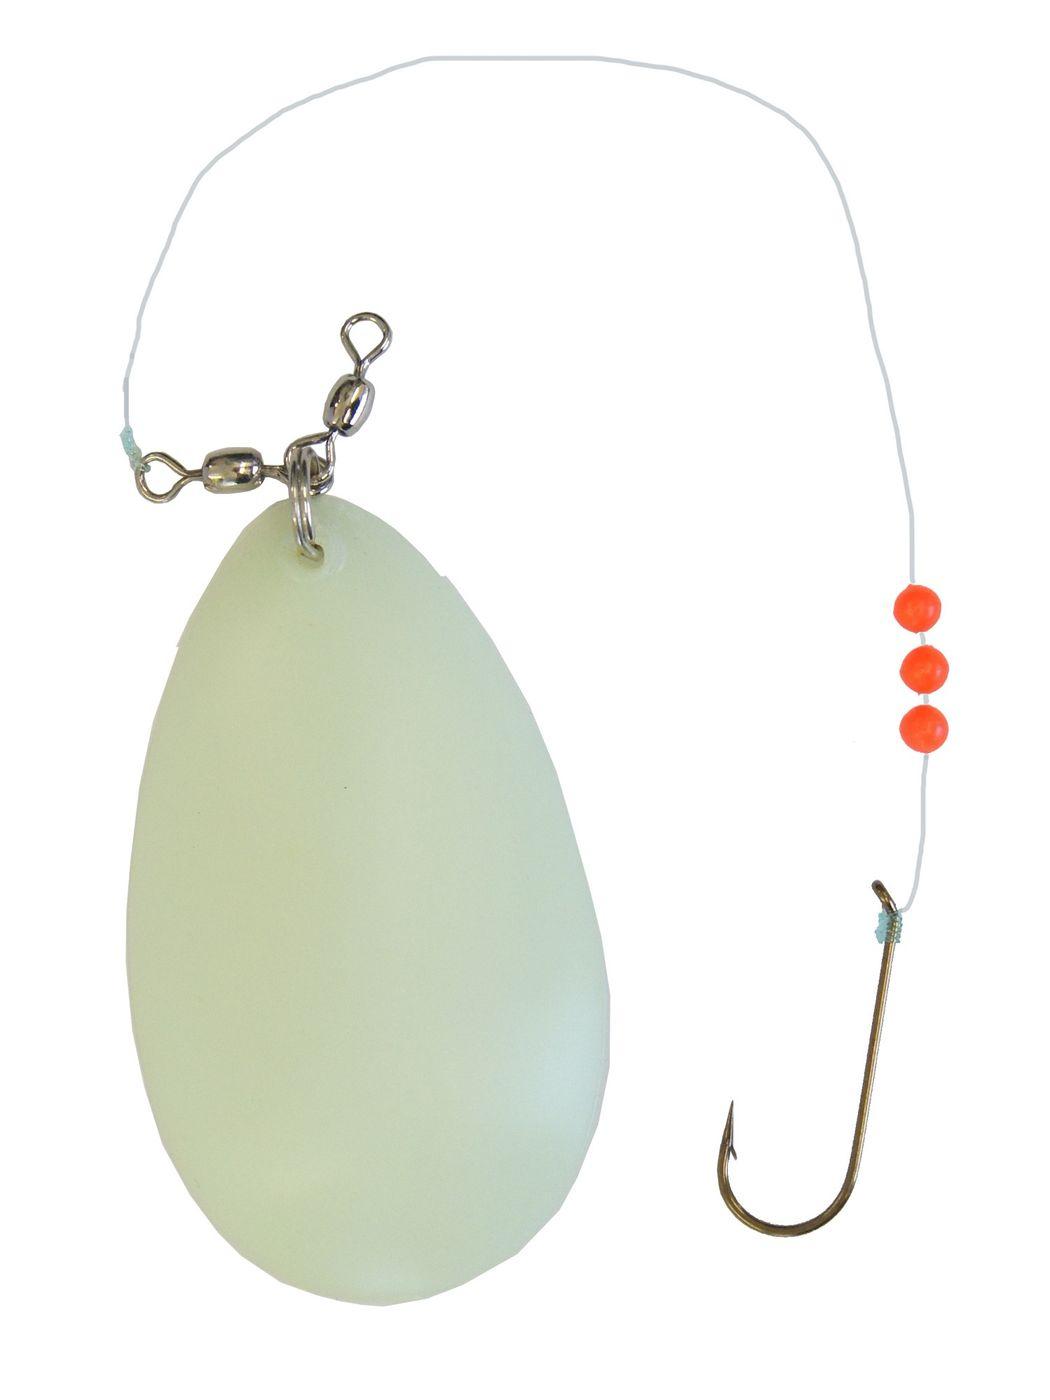 Balzer Plattfisch-Blinker oran//gelb 40g